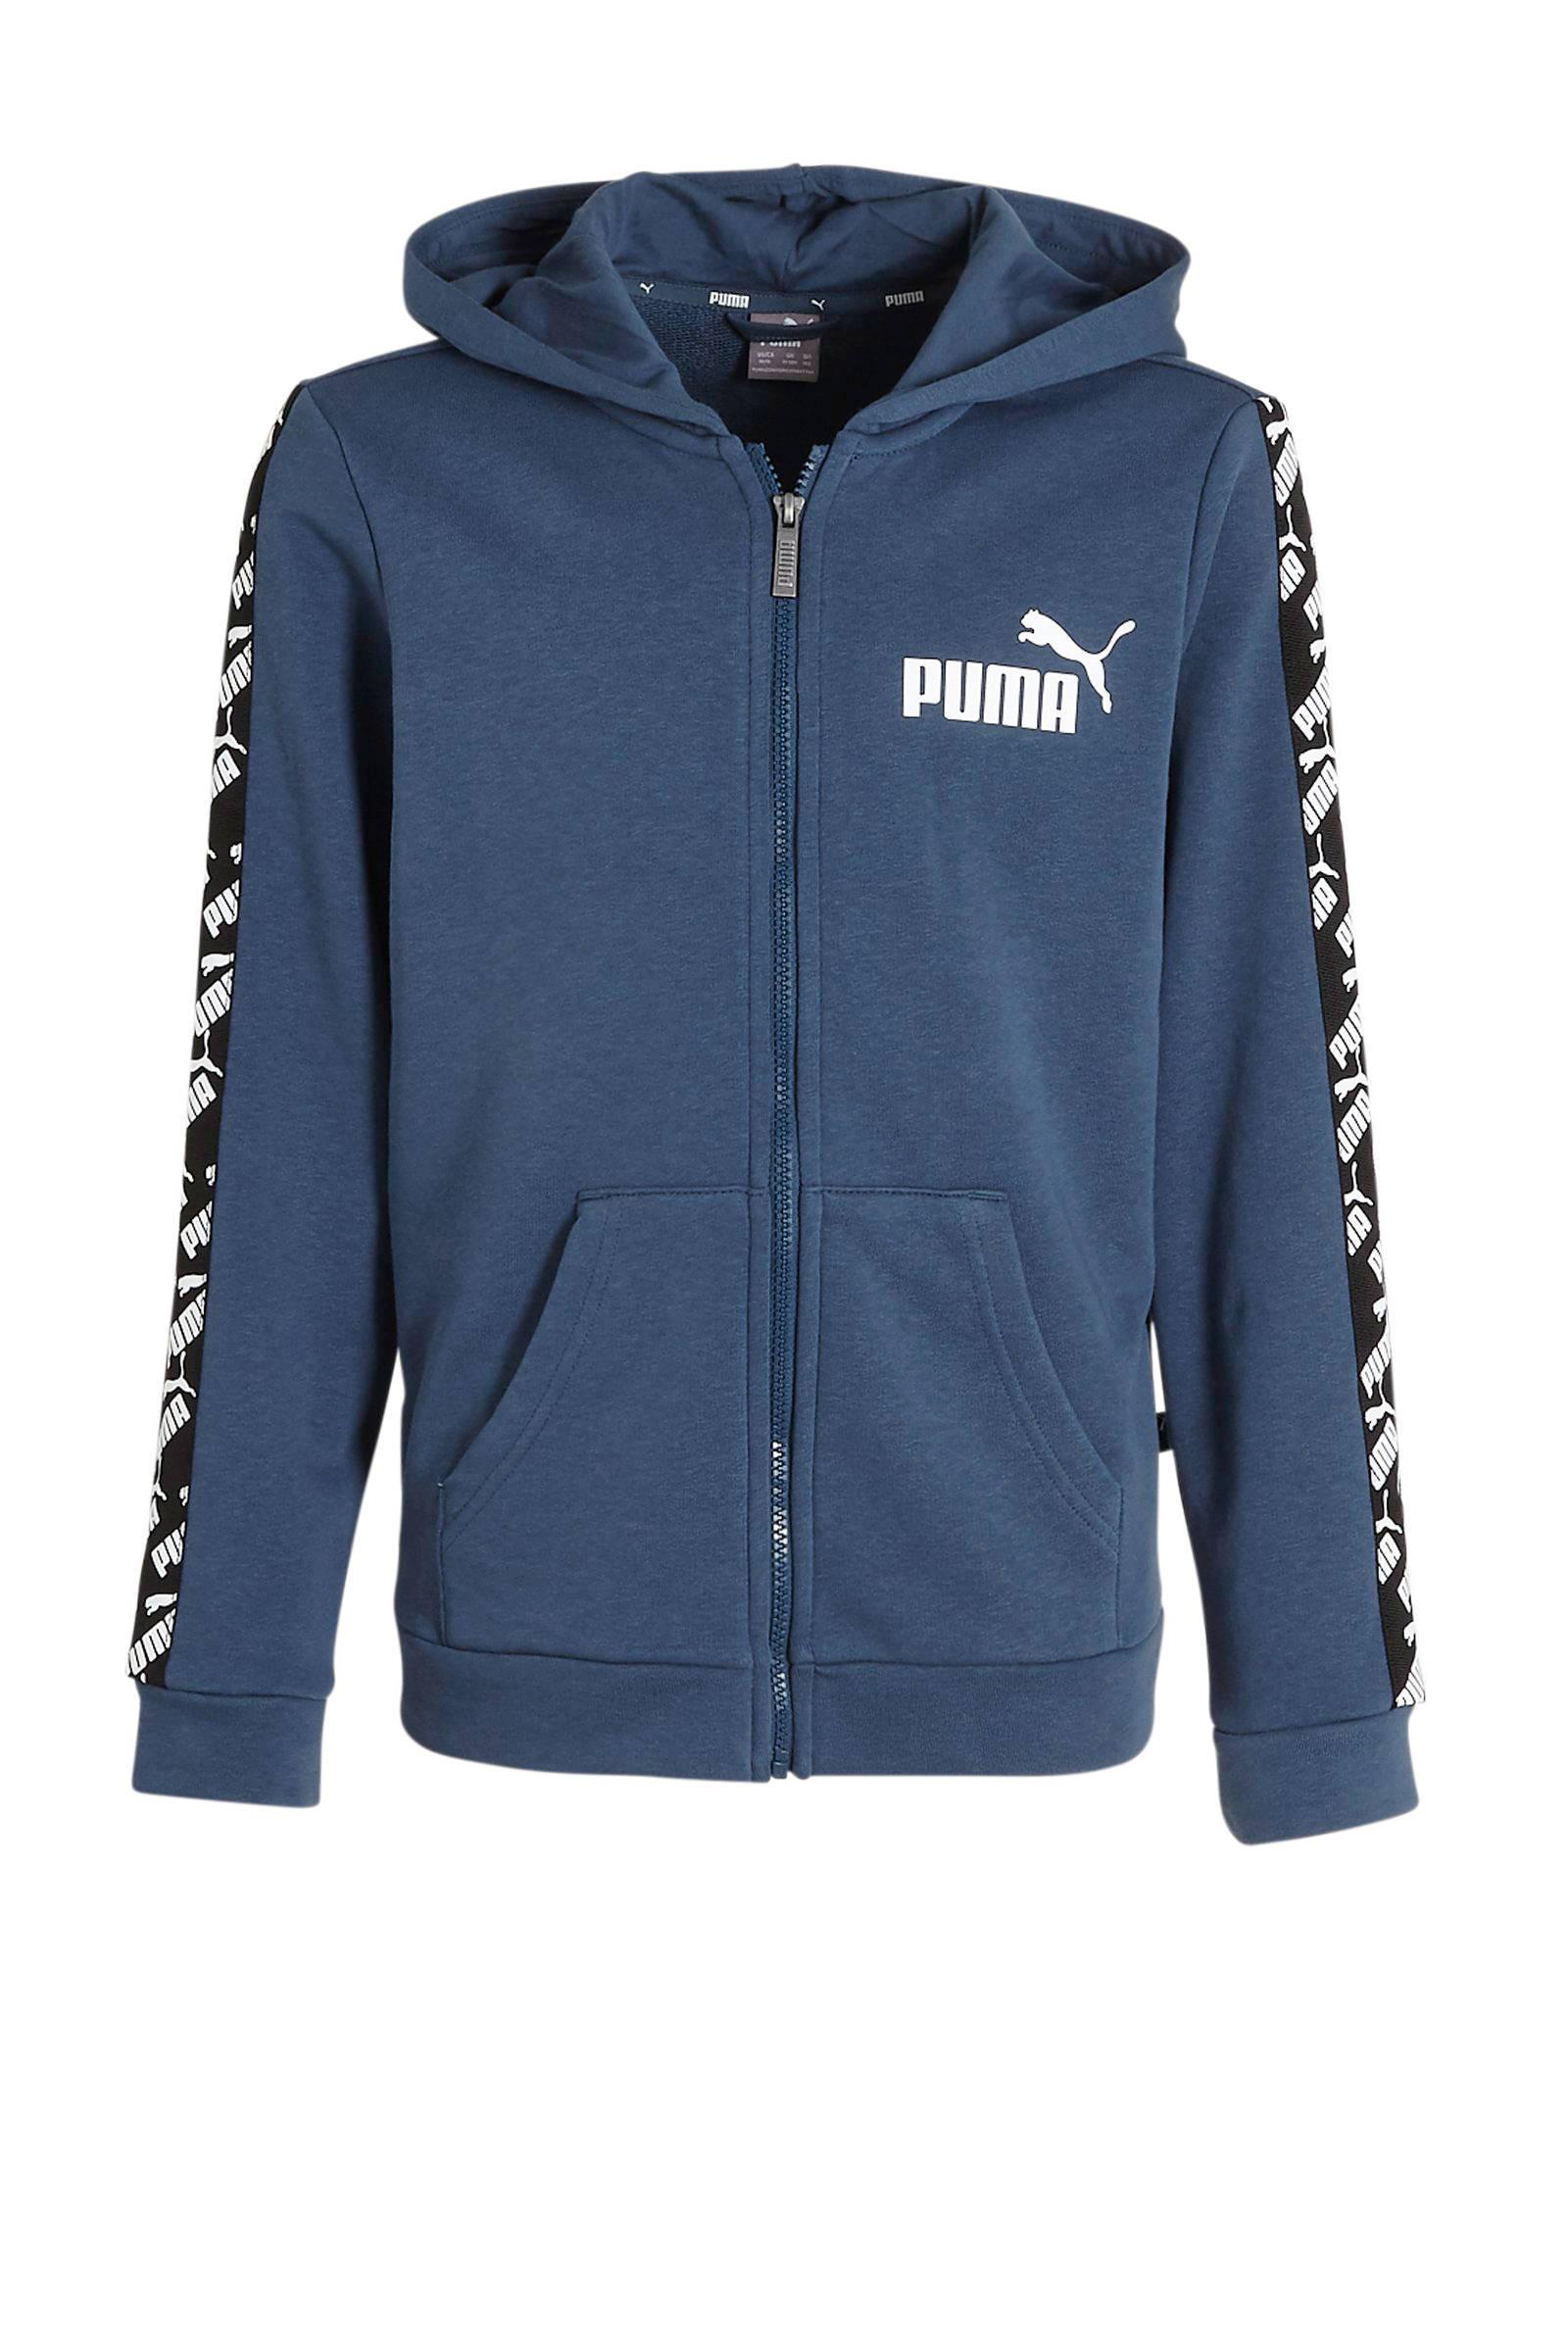 Puma vesten kopen? | BESLIST.nl | Nieuwe collectie